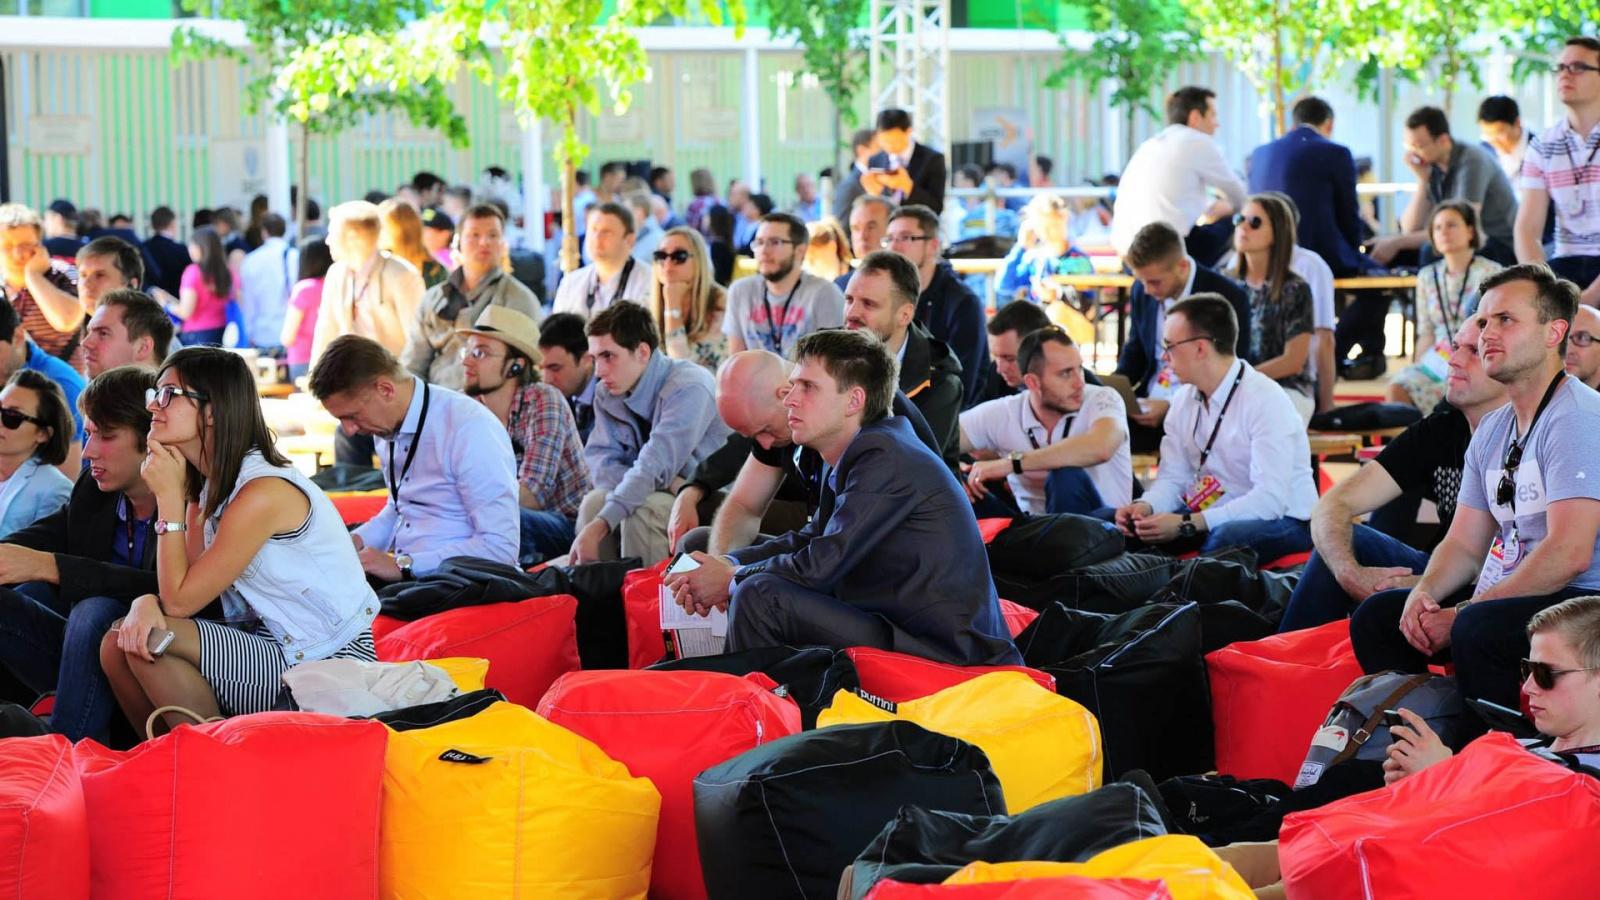 Лови волну. Самые интересные мероприятия лета для стартапов, которые вы должны посетить - 4